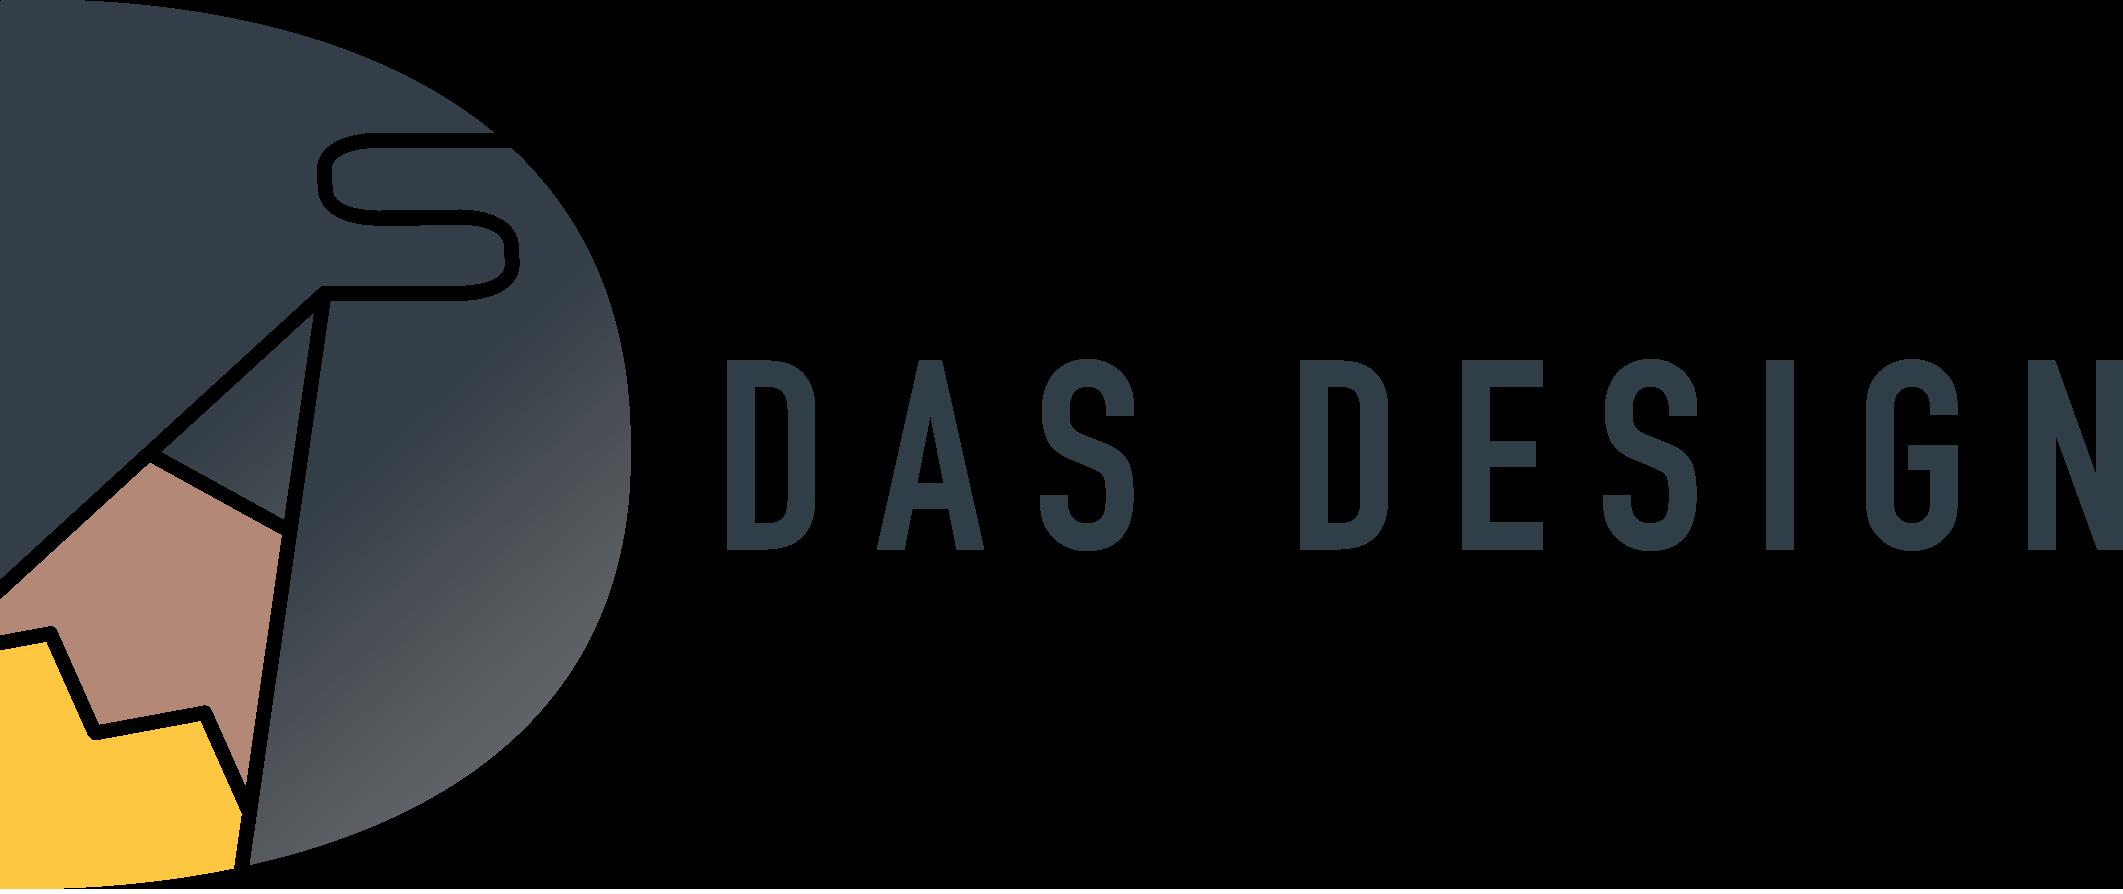 Daniel Stevens's Artist Shop Logo